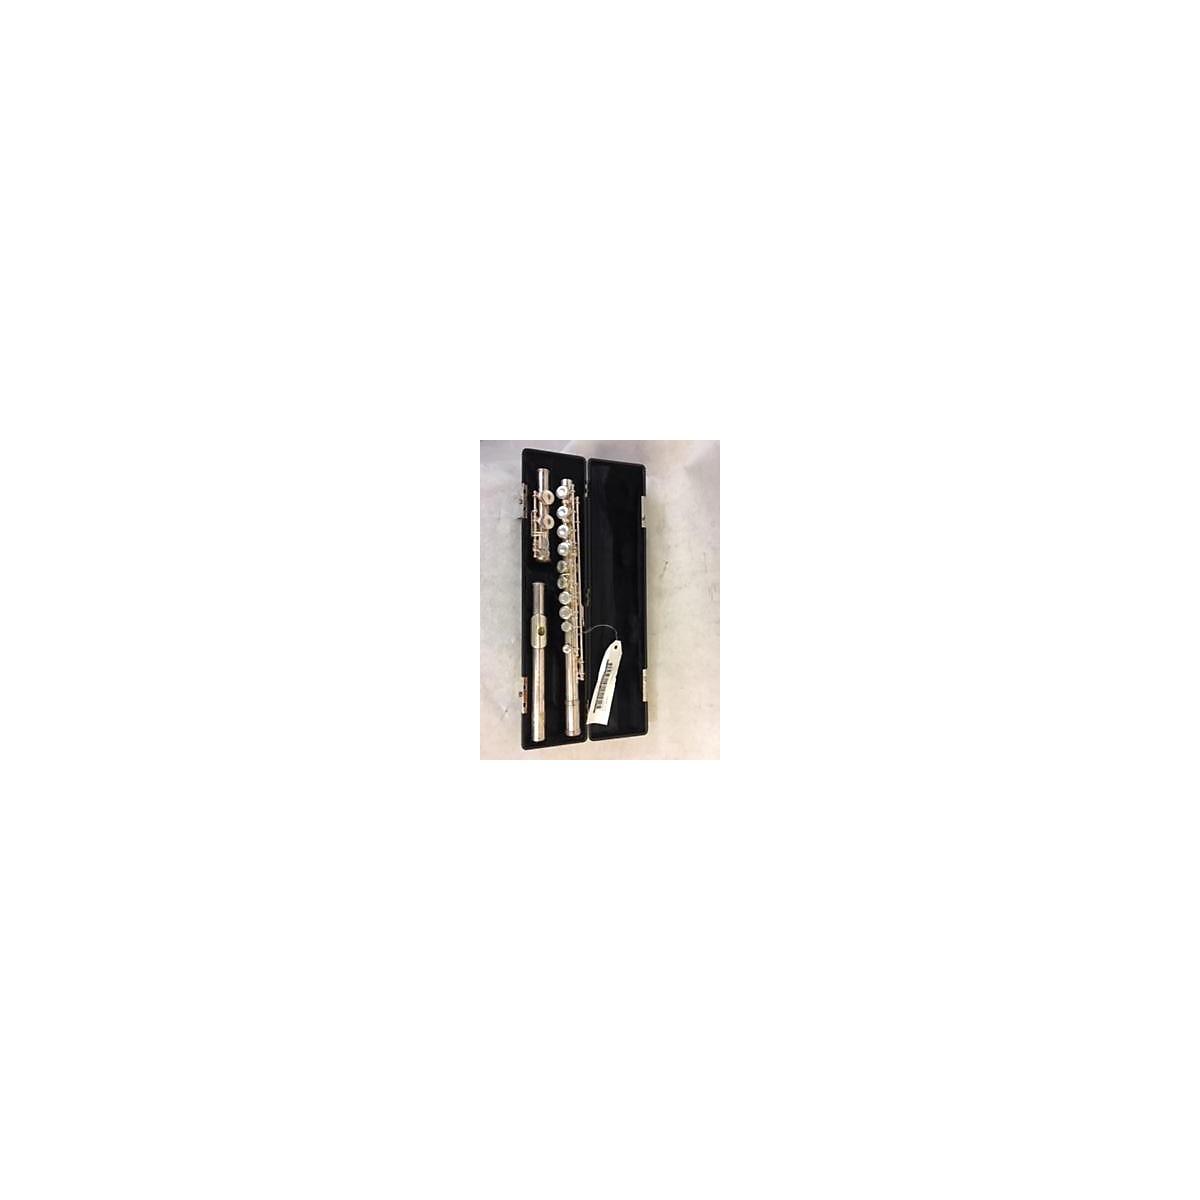 Gemeinhardt 2S Solid Silver Flute